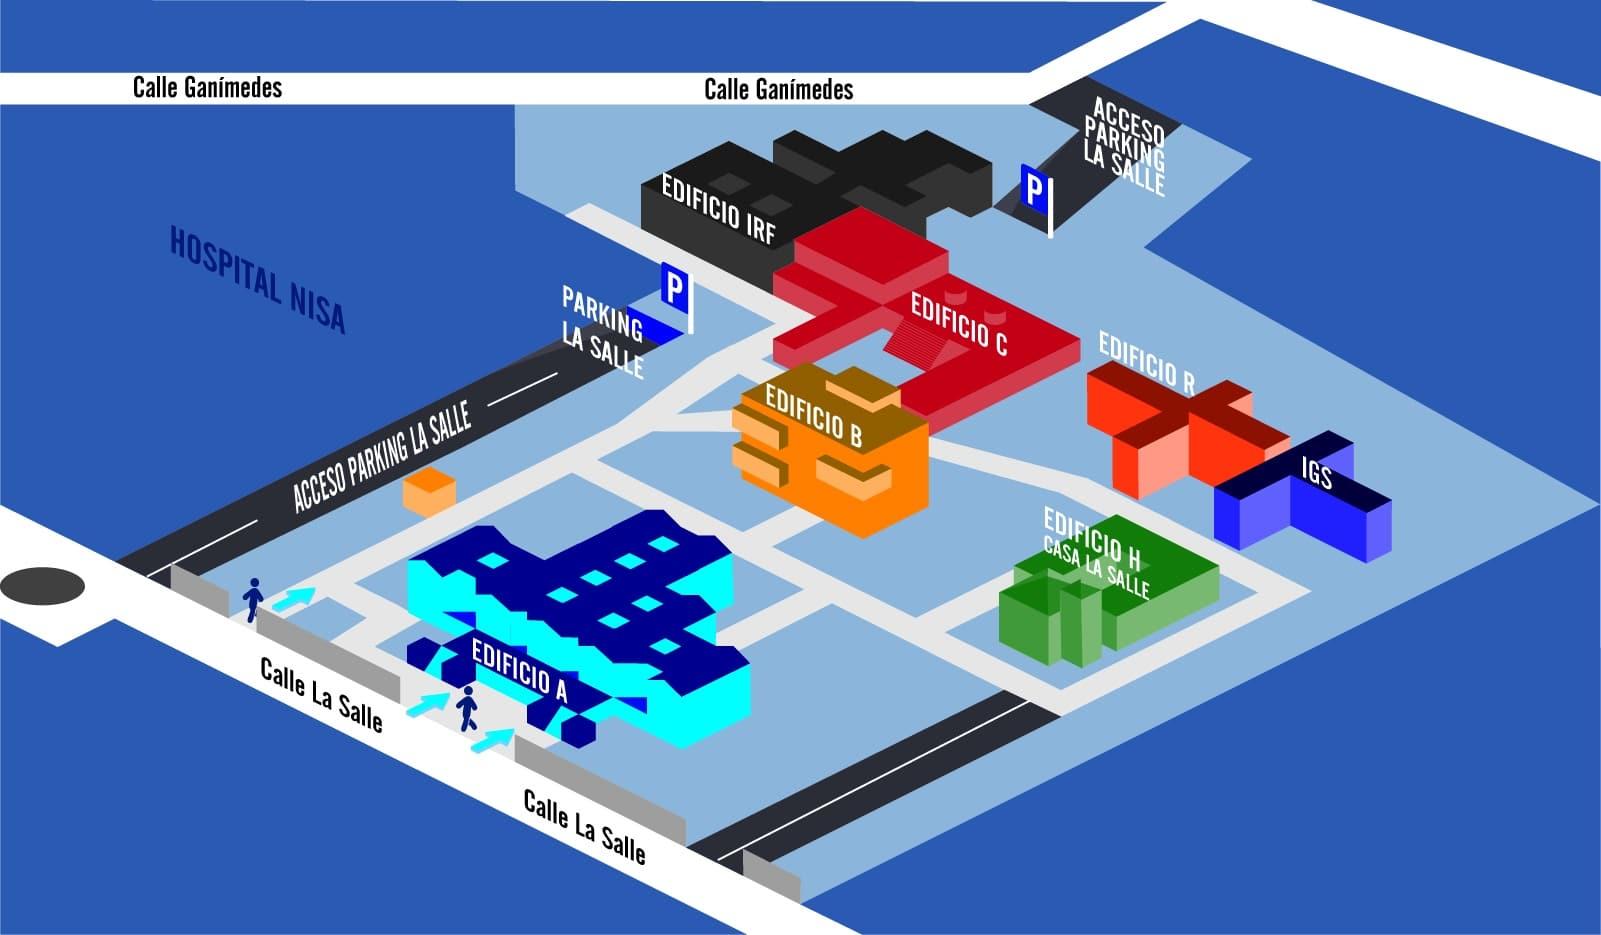 Edificios La Salle Campus